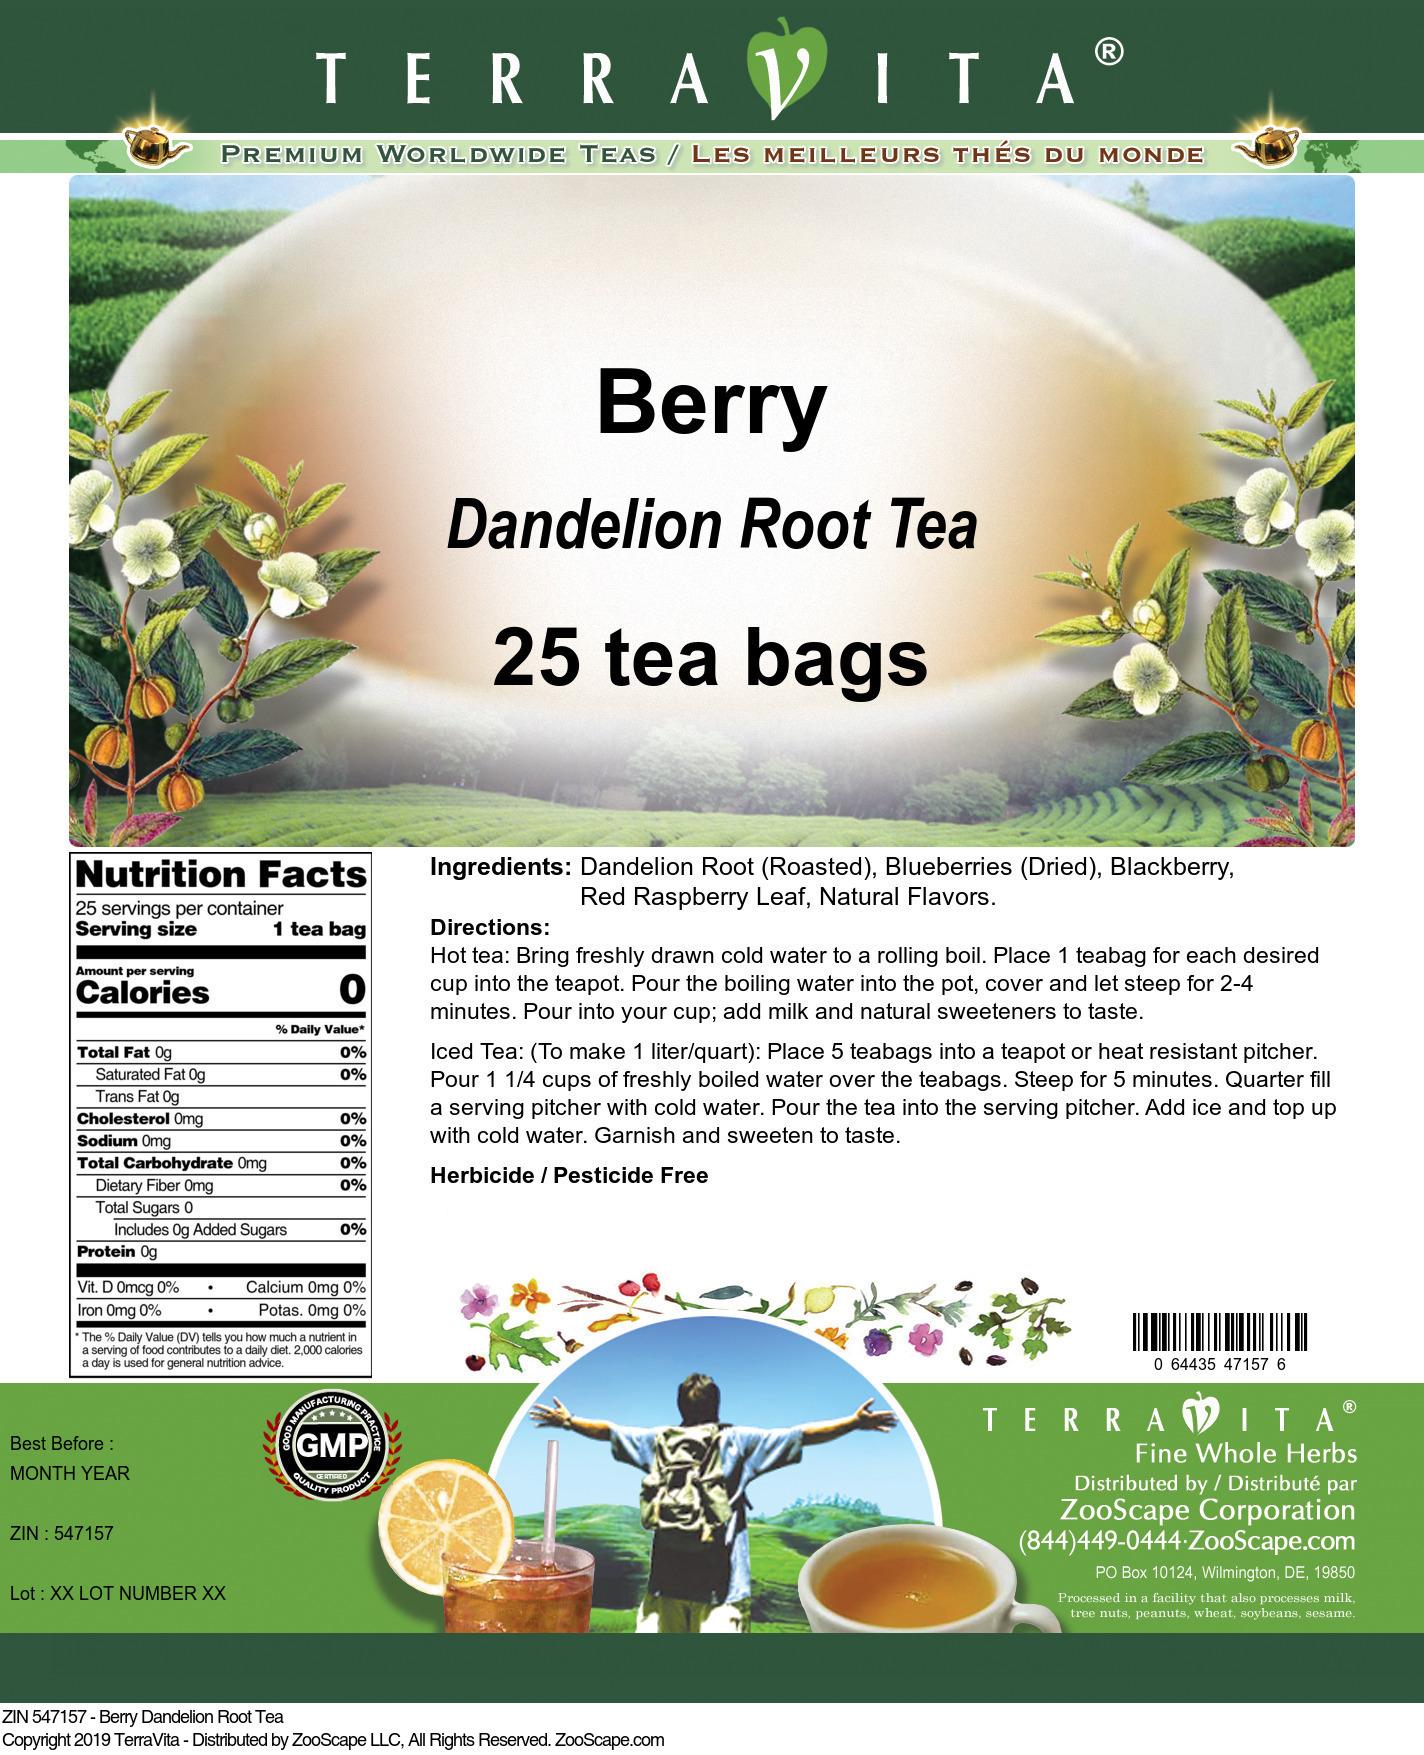 Berry Dandelion Root